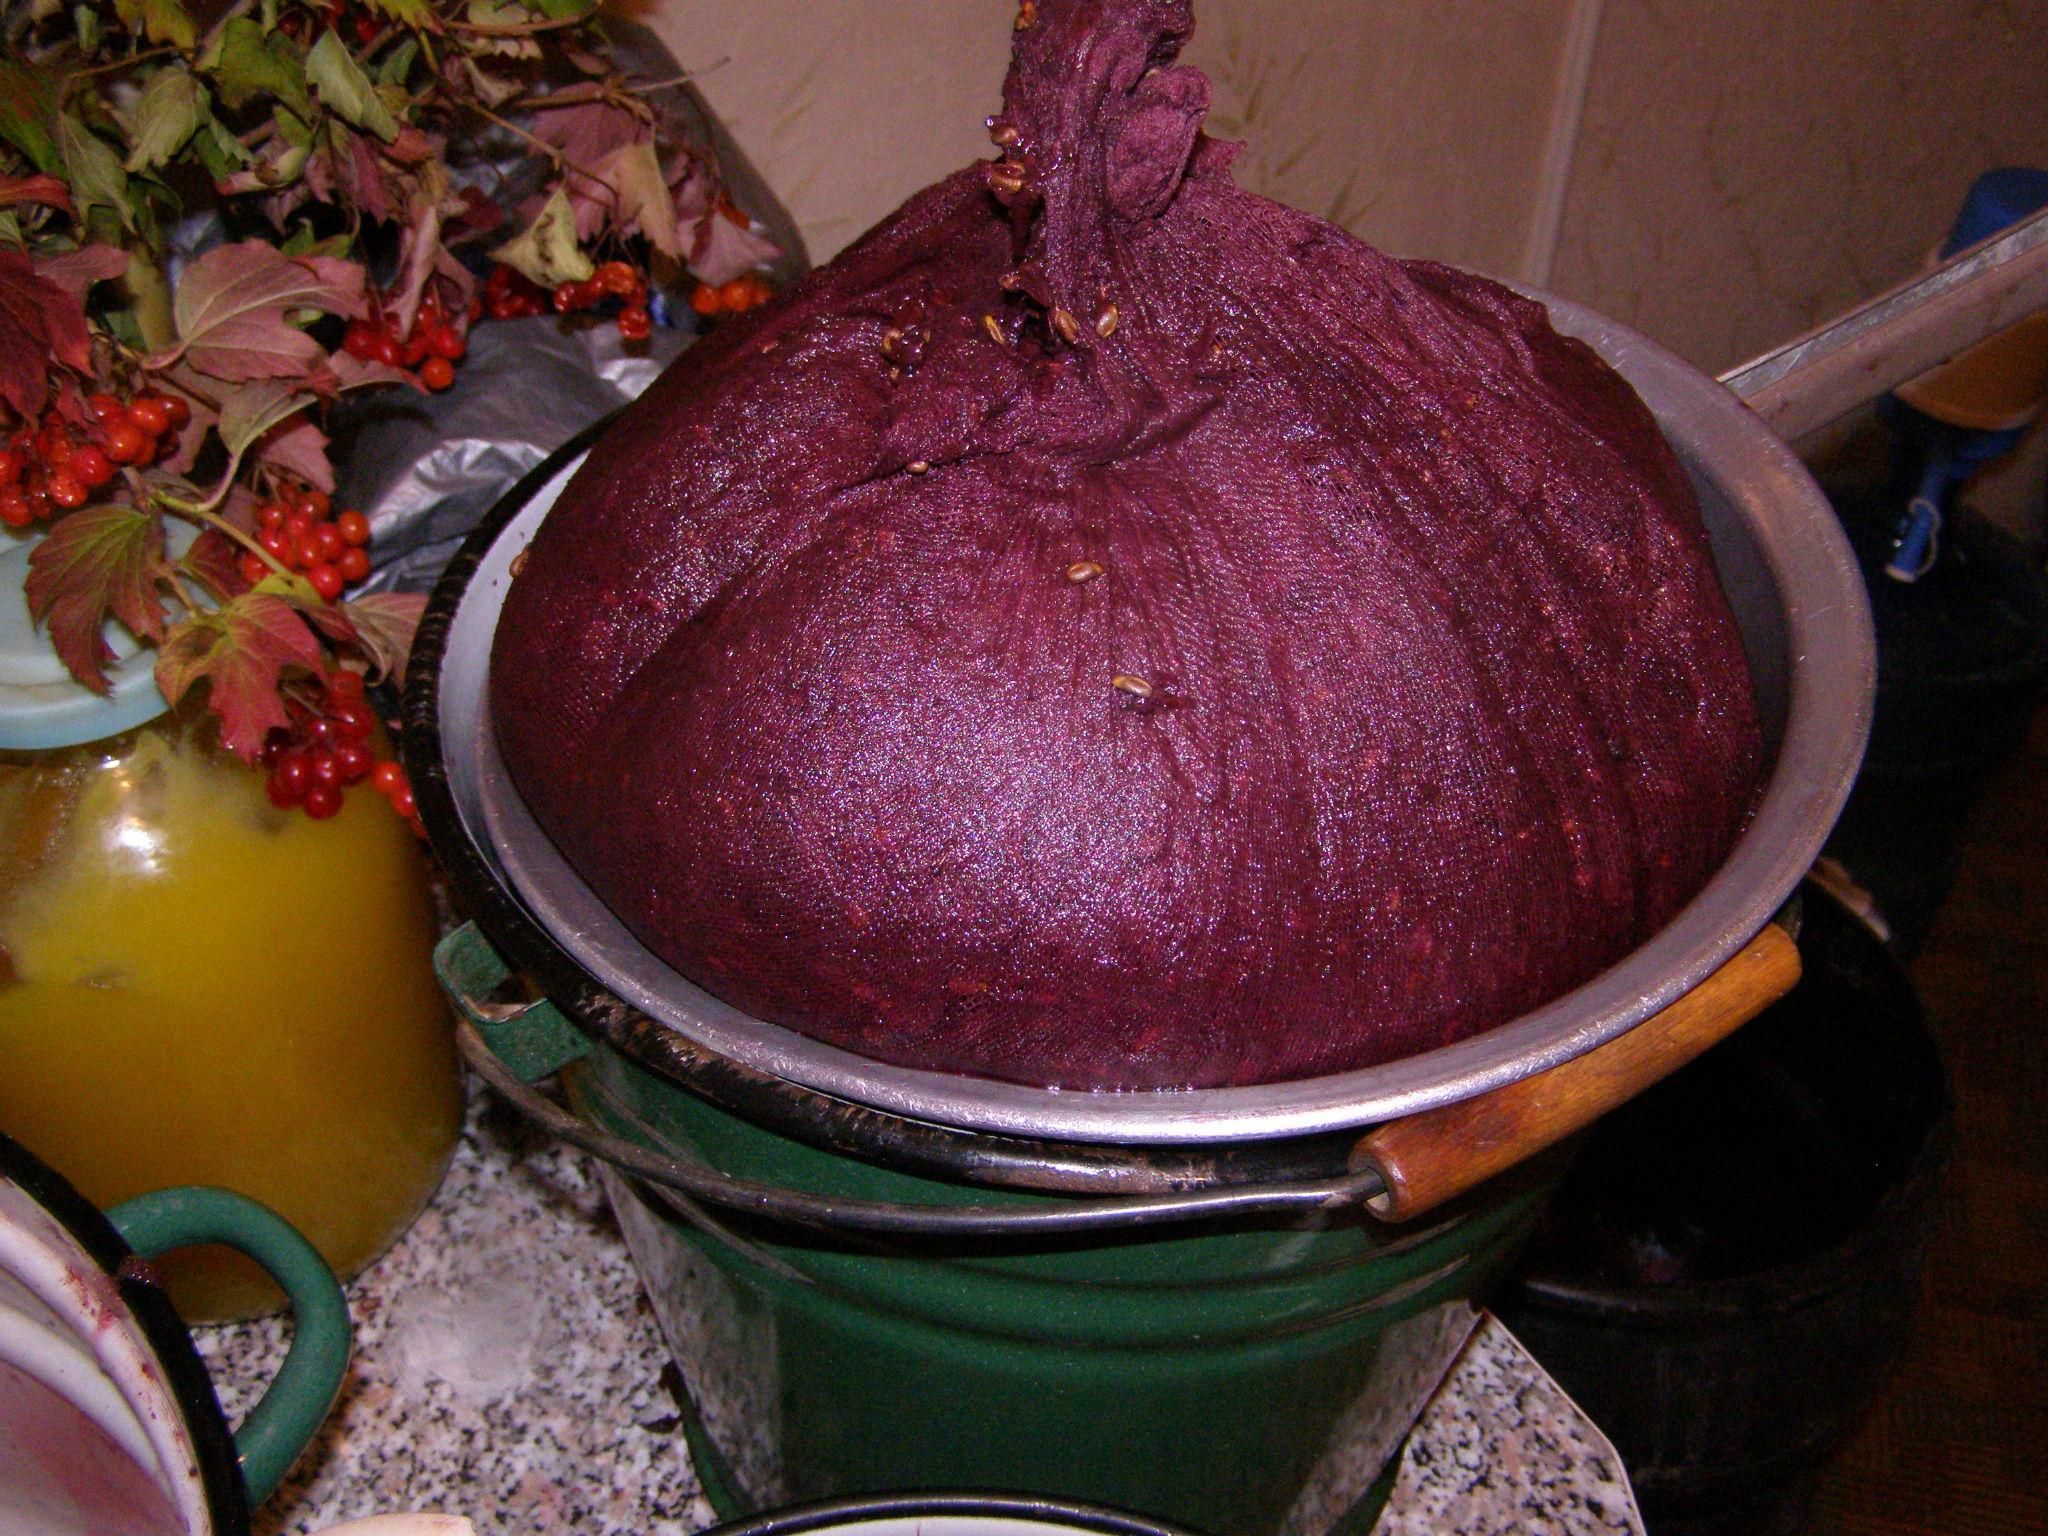 при подготовке ягод и выдавливаю сока следует уделить внимание сортировке ягод.